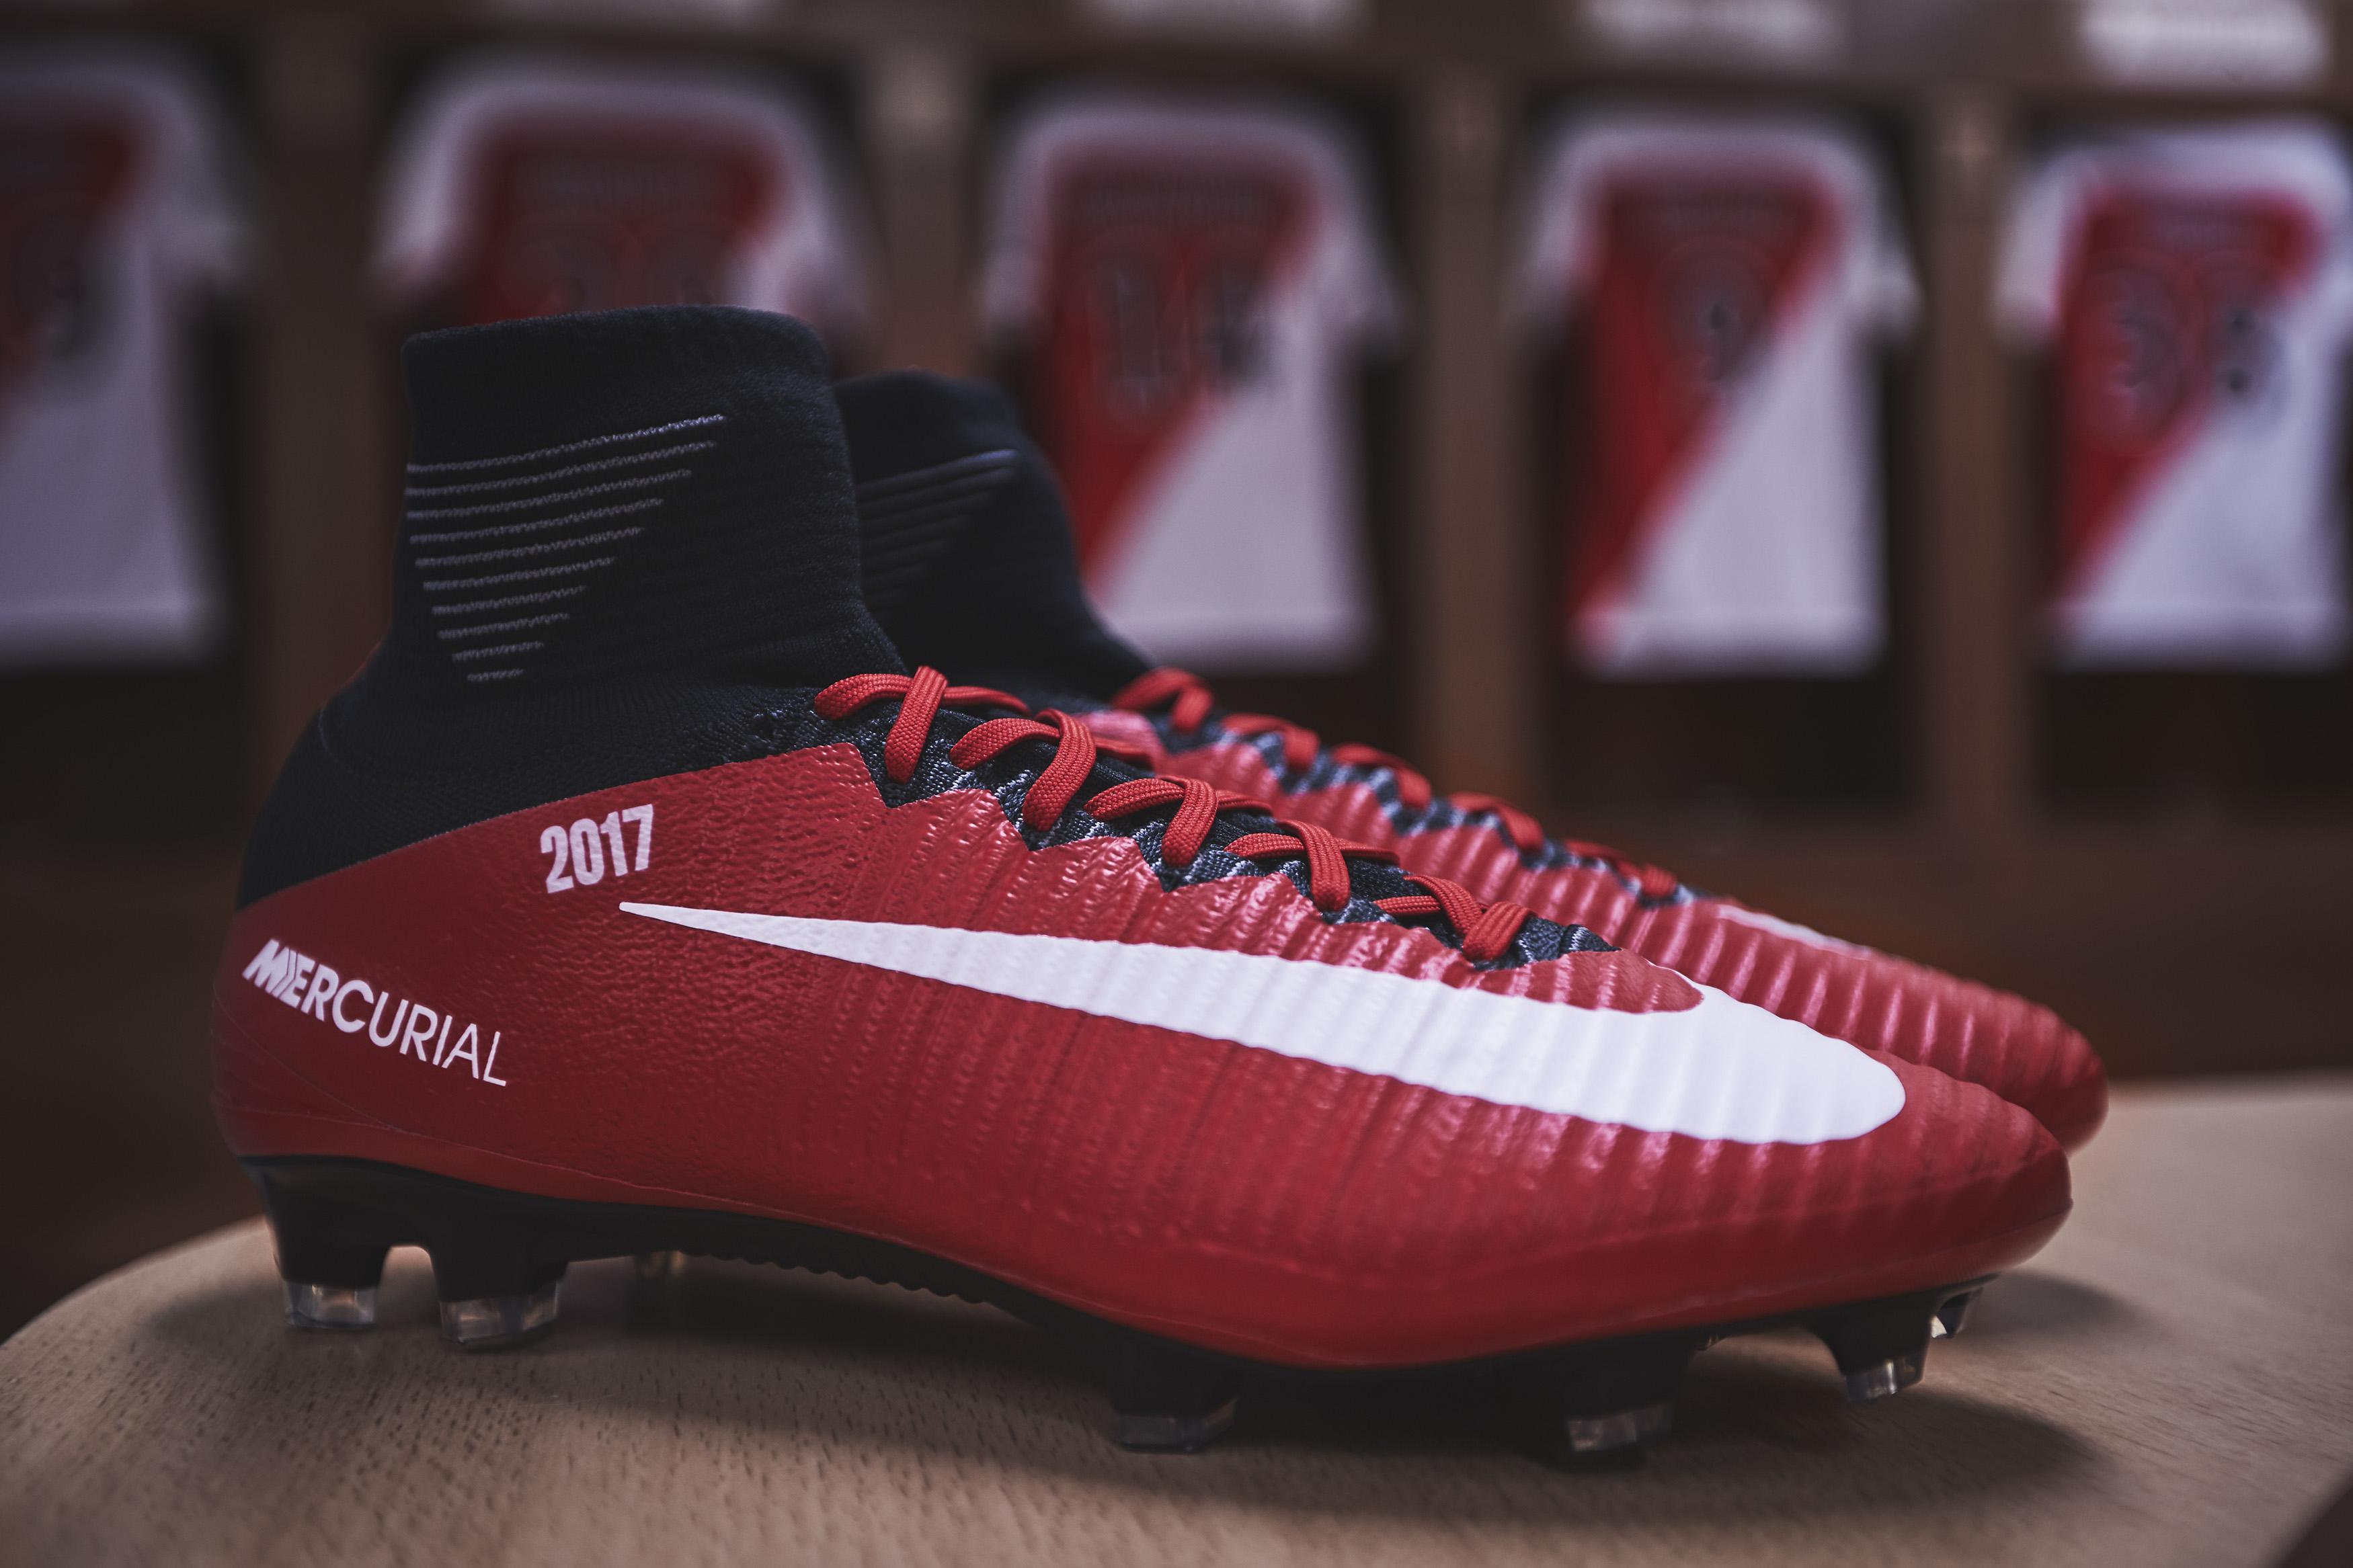 Nike iD X AS Monaco 2017 (6)